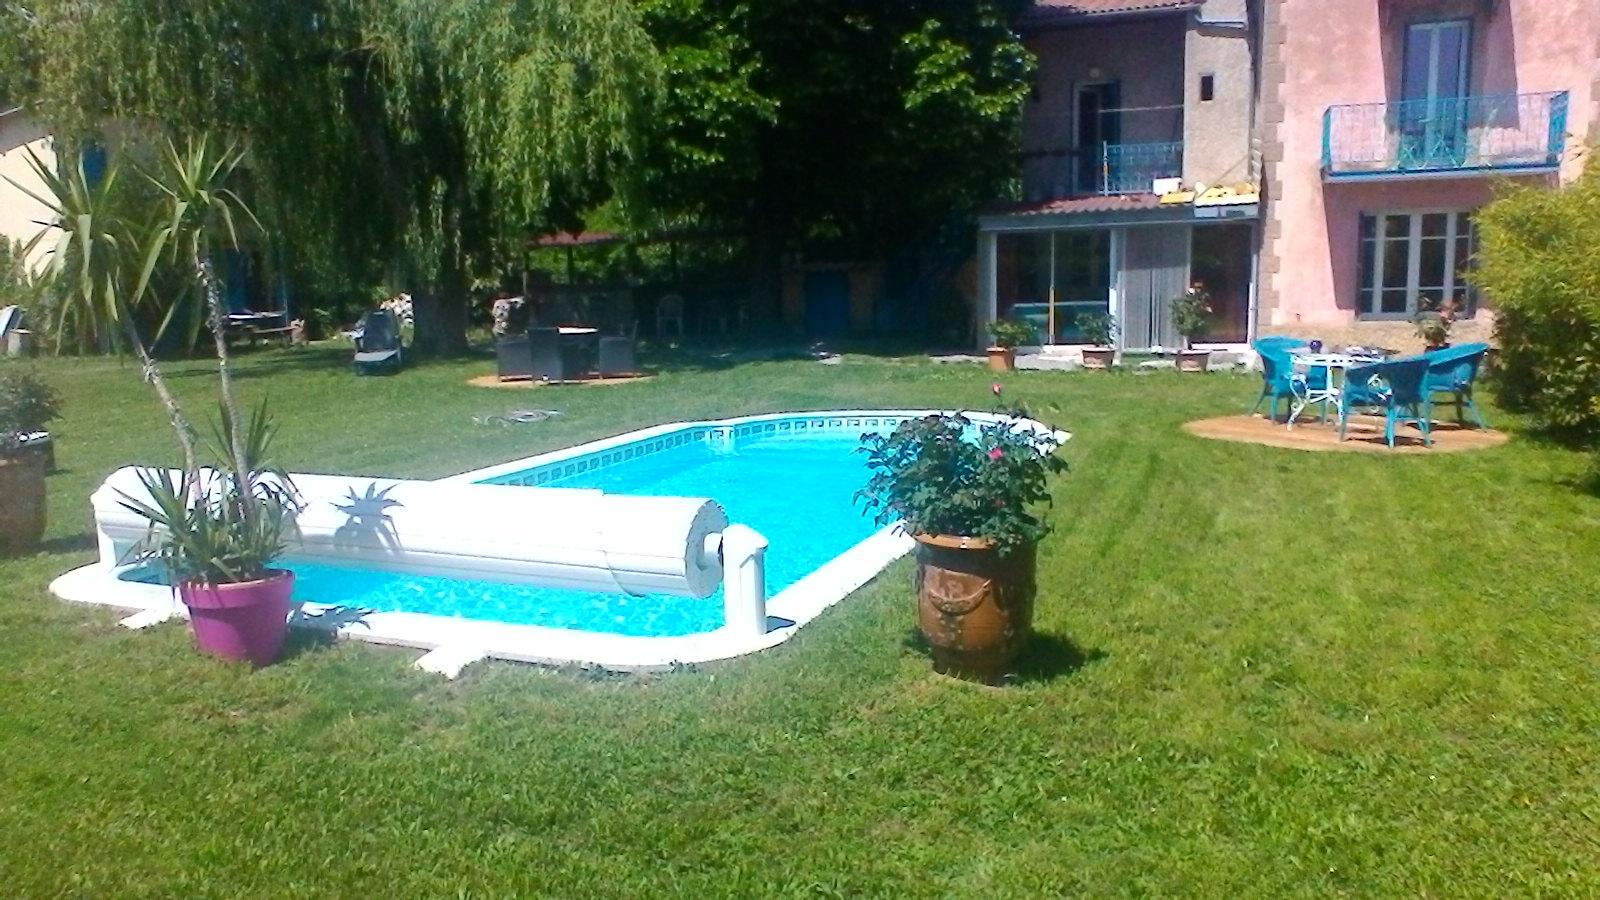 jardi-piscine-c-clamaron